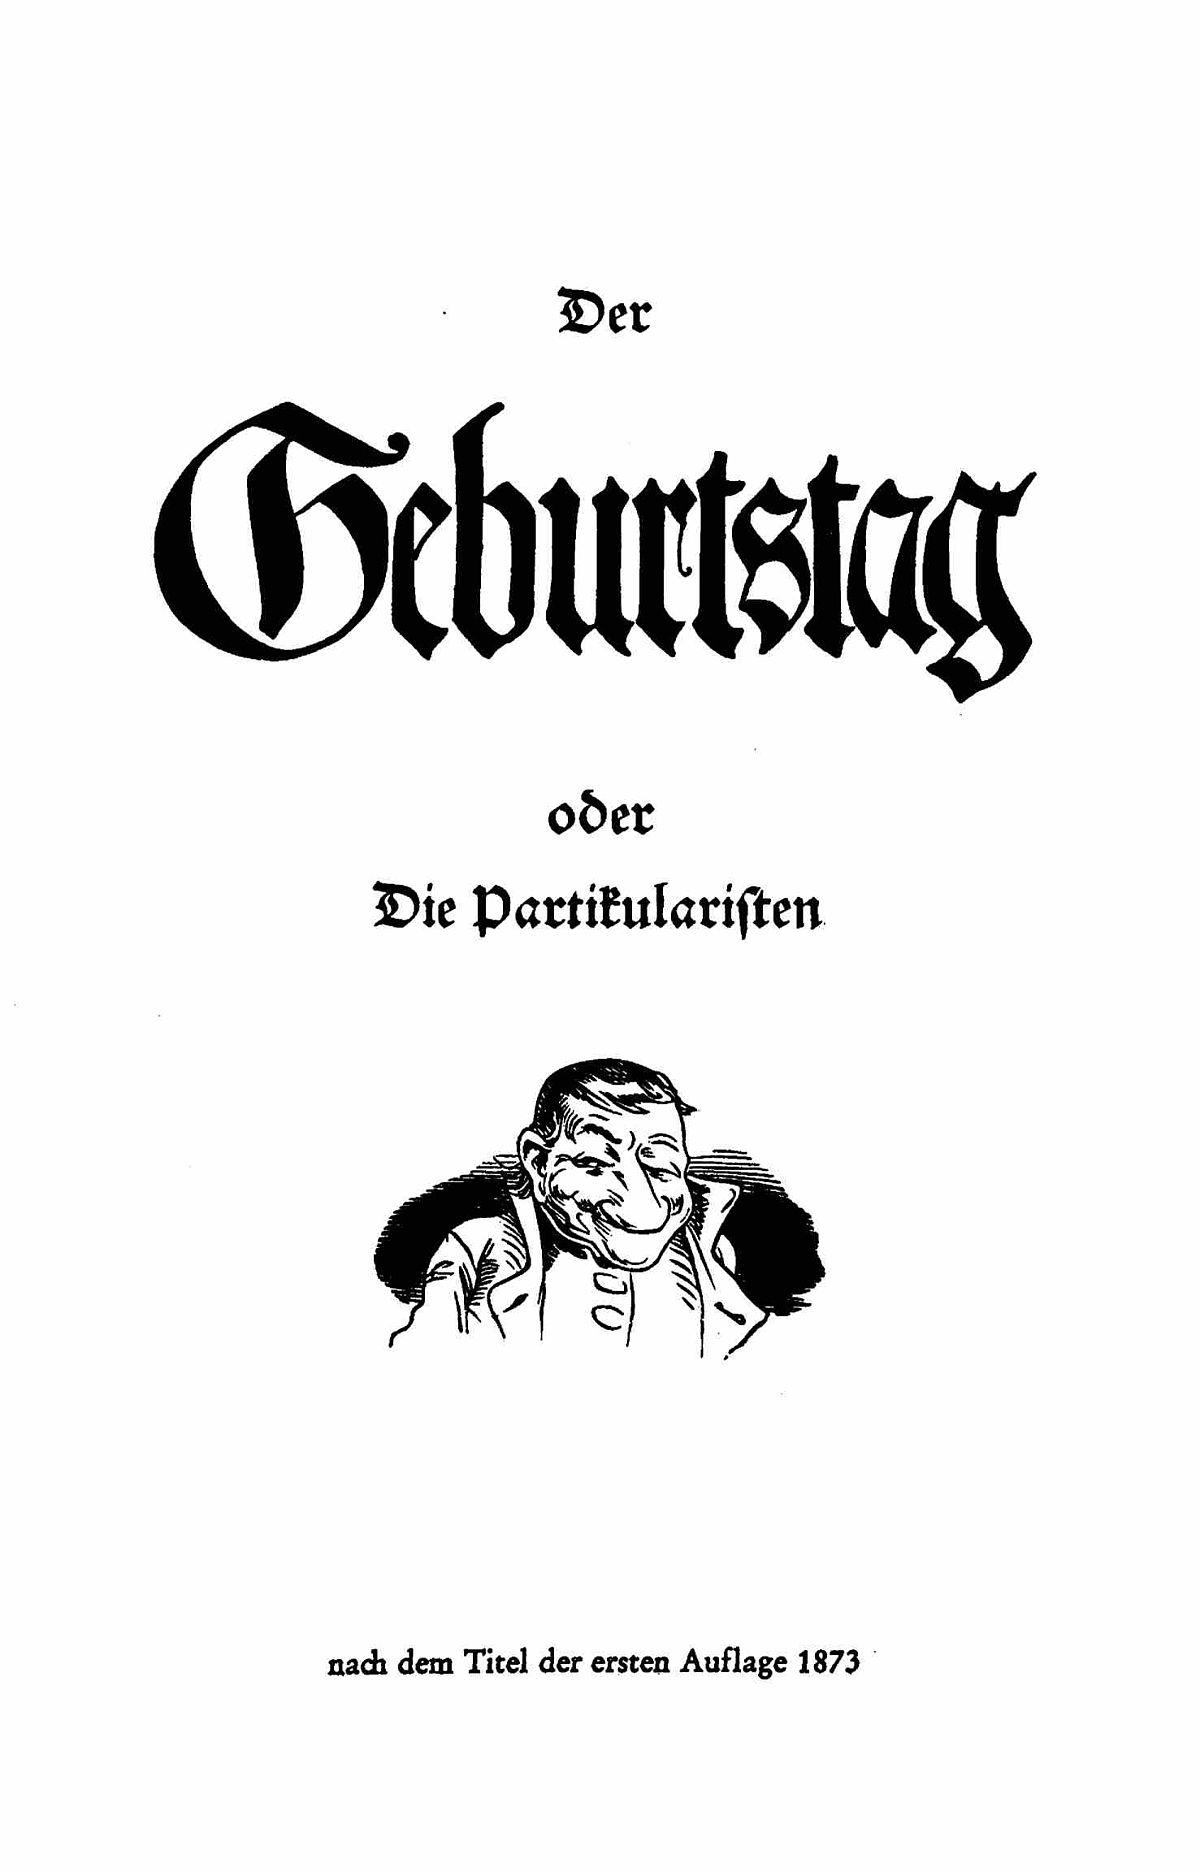 Der Geburtstag Oder Die Partikularisten – Wikipedia in Wilhelm Busch Geburtstag Gedicht